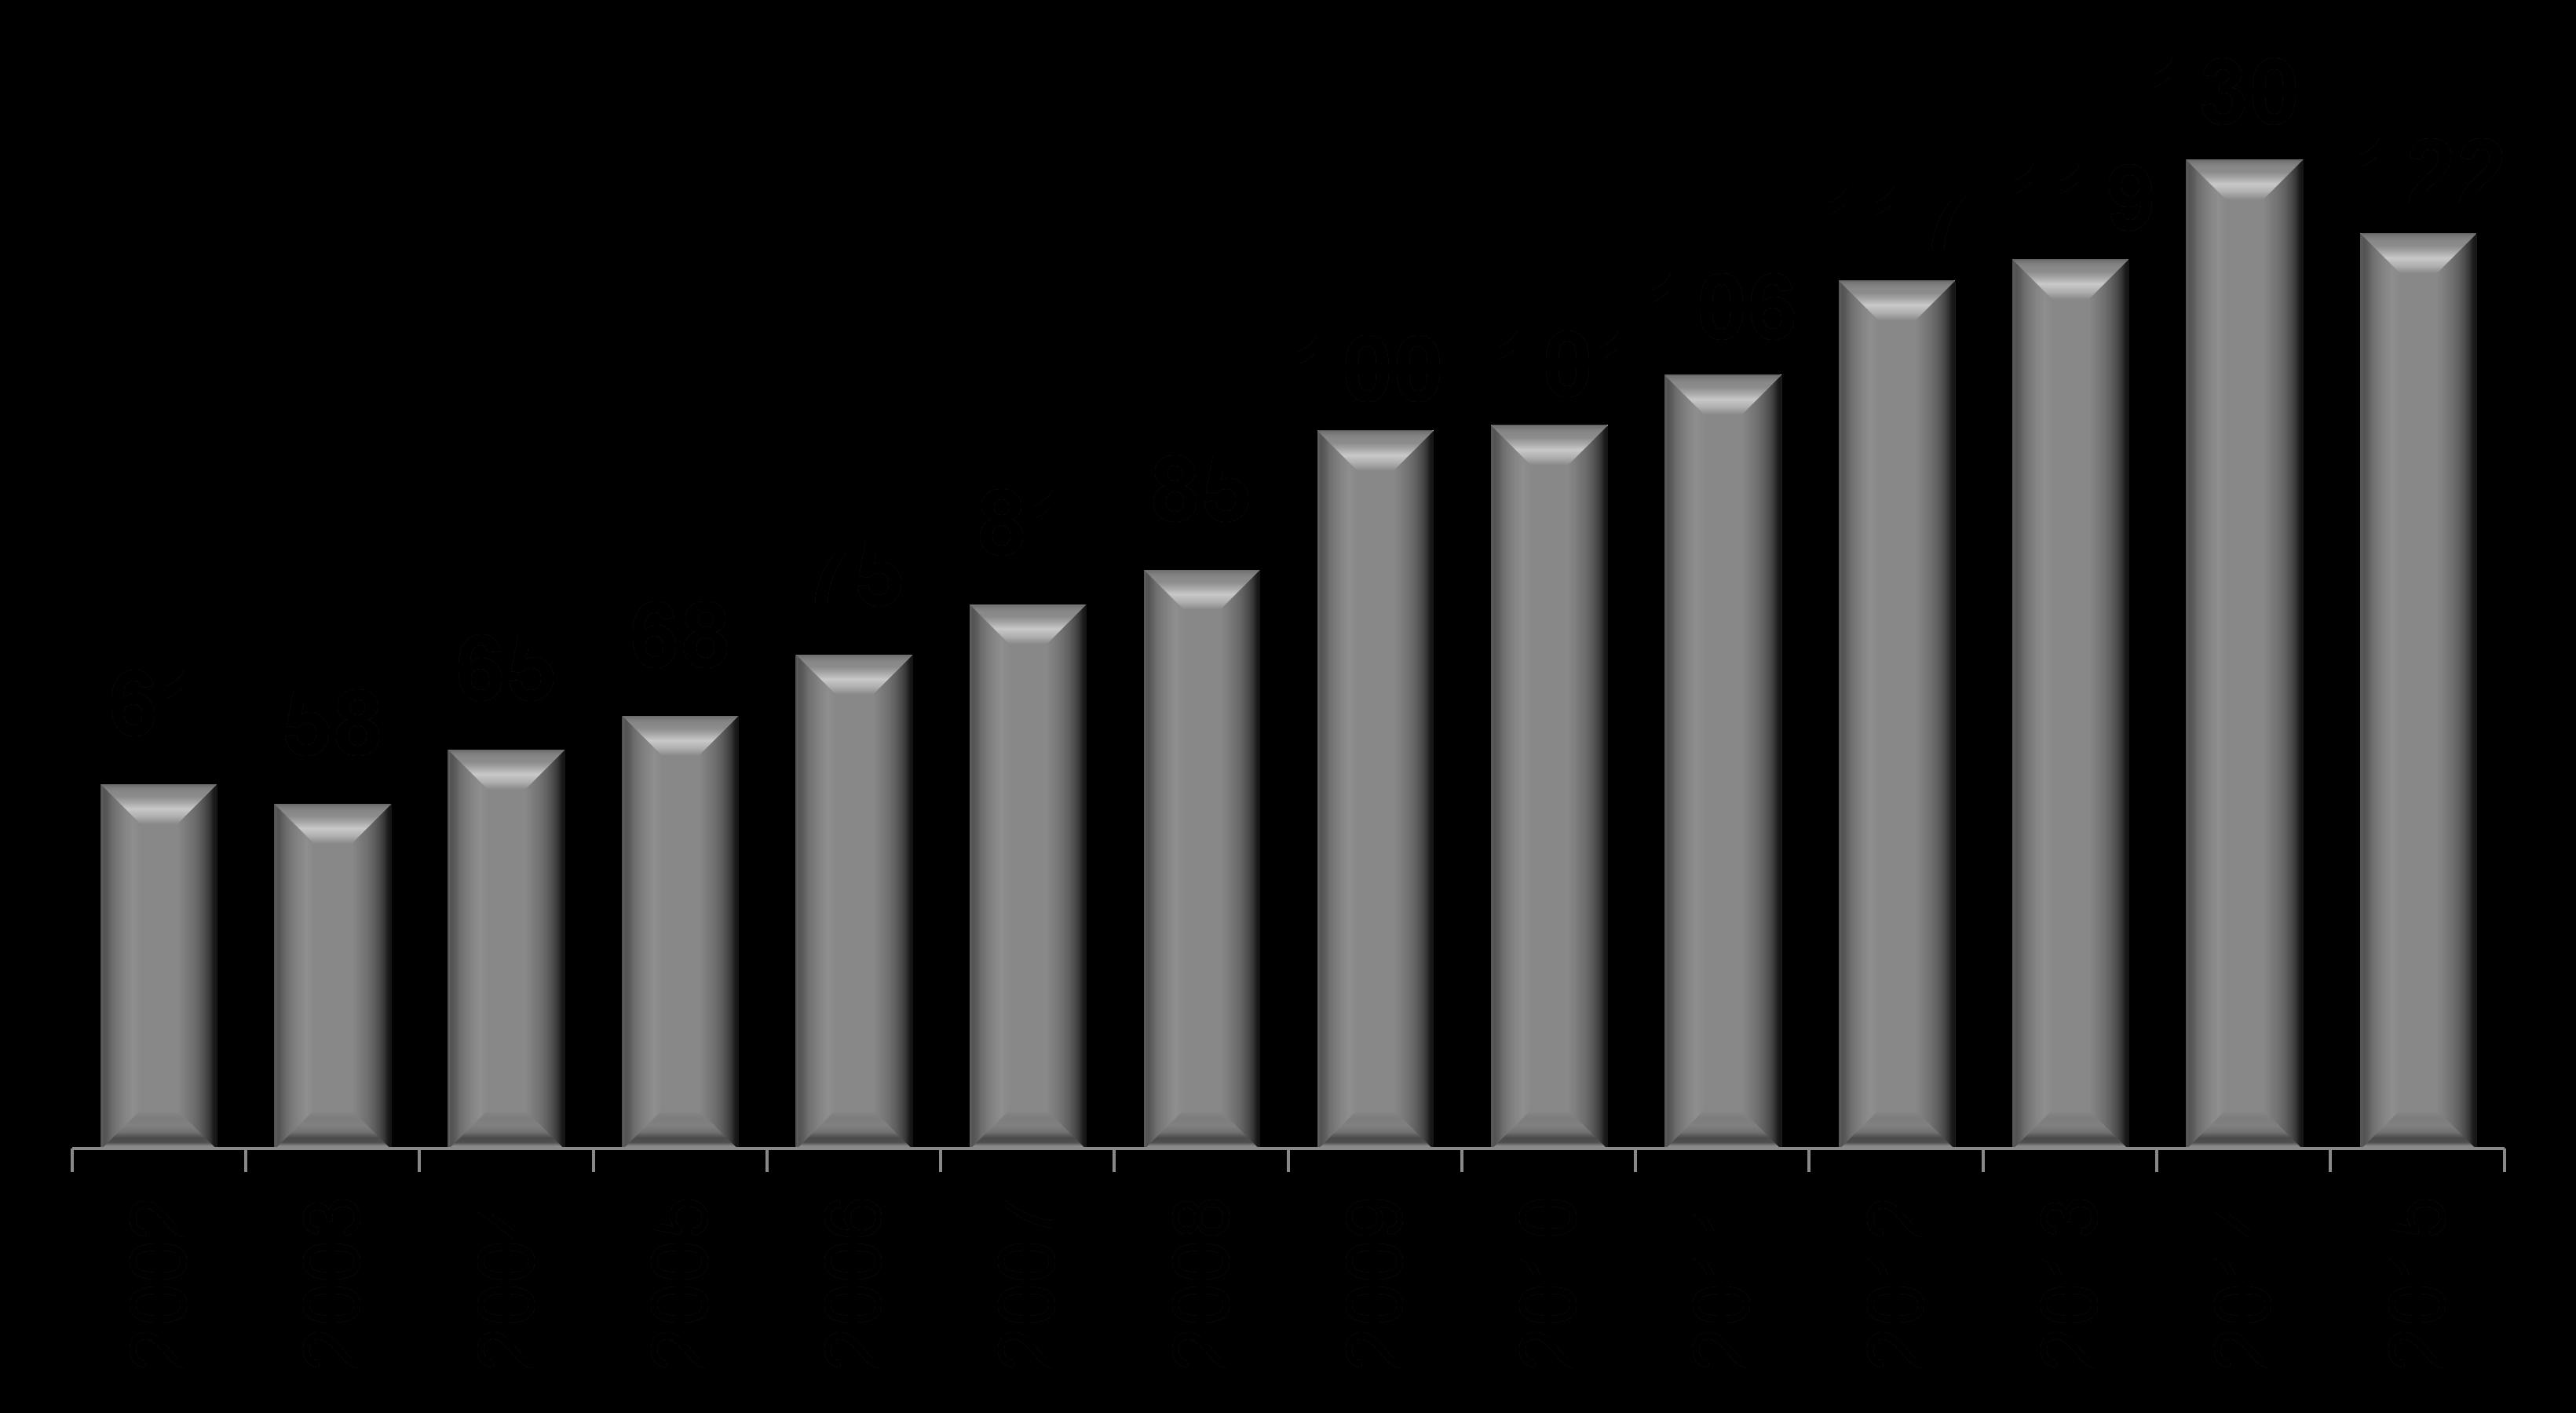 """Fonte: Relatório """"Gasto Social do Governo Central 2002 a 2015"""", do Tesouro Nacional."""